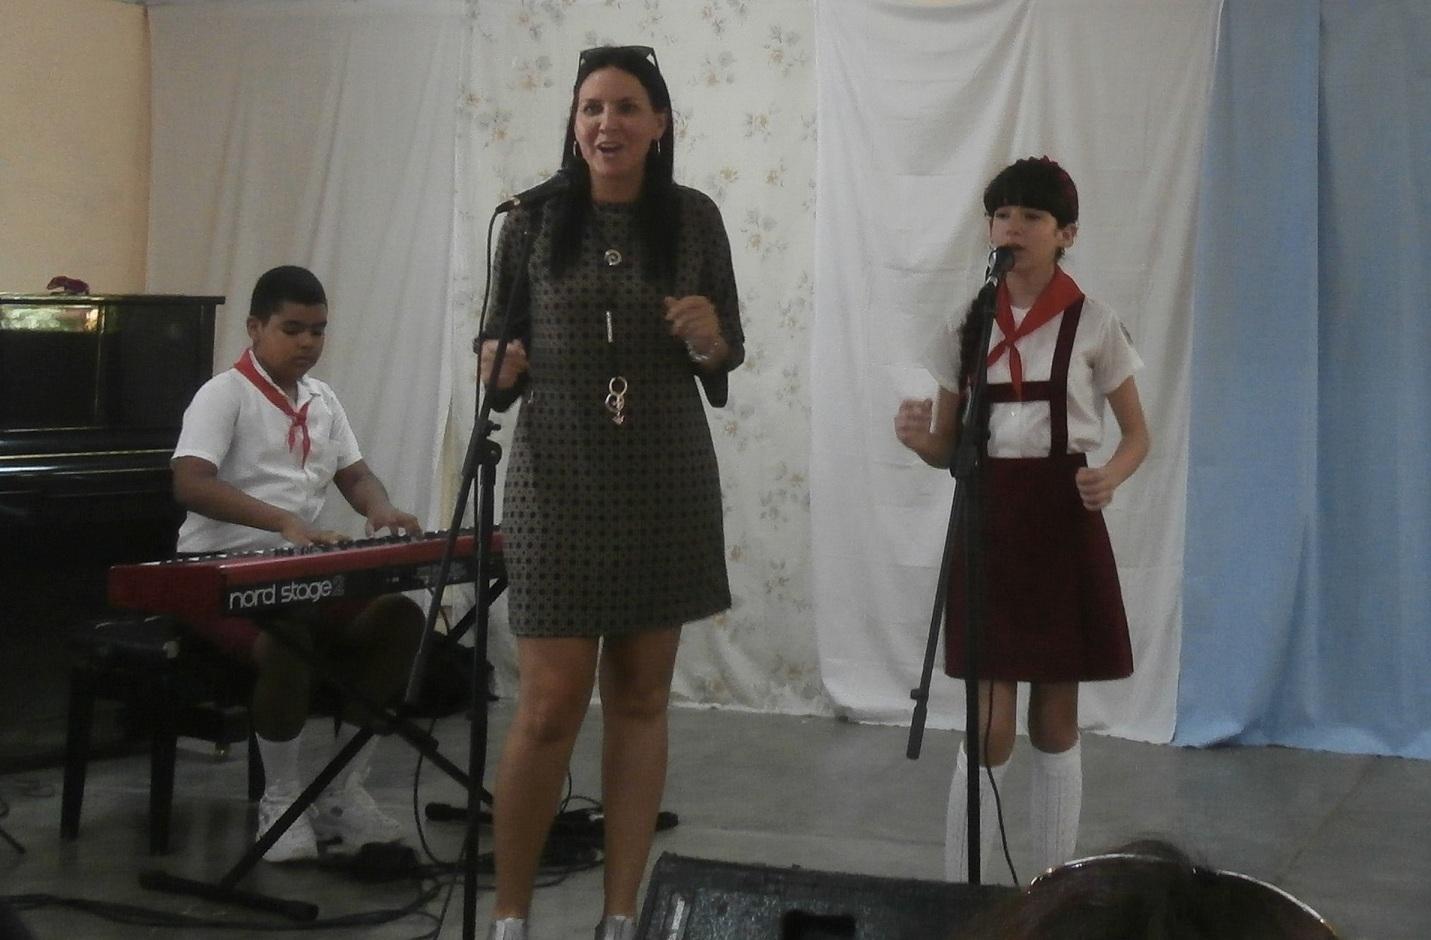 Profesores y estudiantes de la Escuela elemental de arte de Sancti Spíritus compartieron el escenario junto a Rochy Ameneiros. (Foto: Lisandra Gómez/ Escambray)